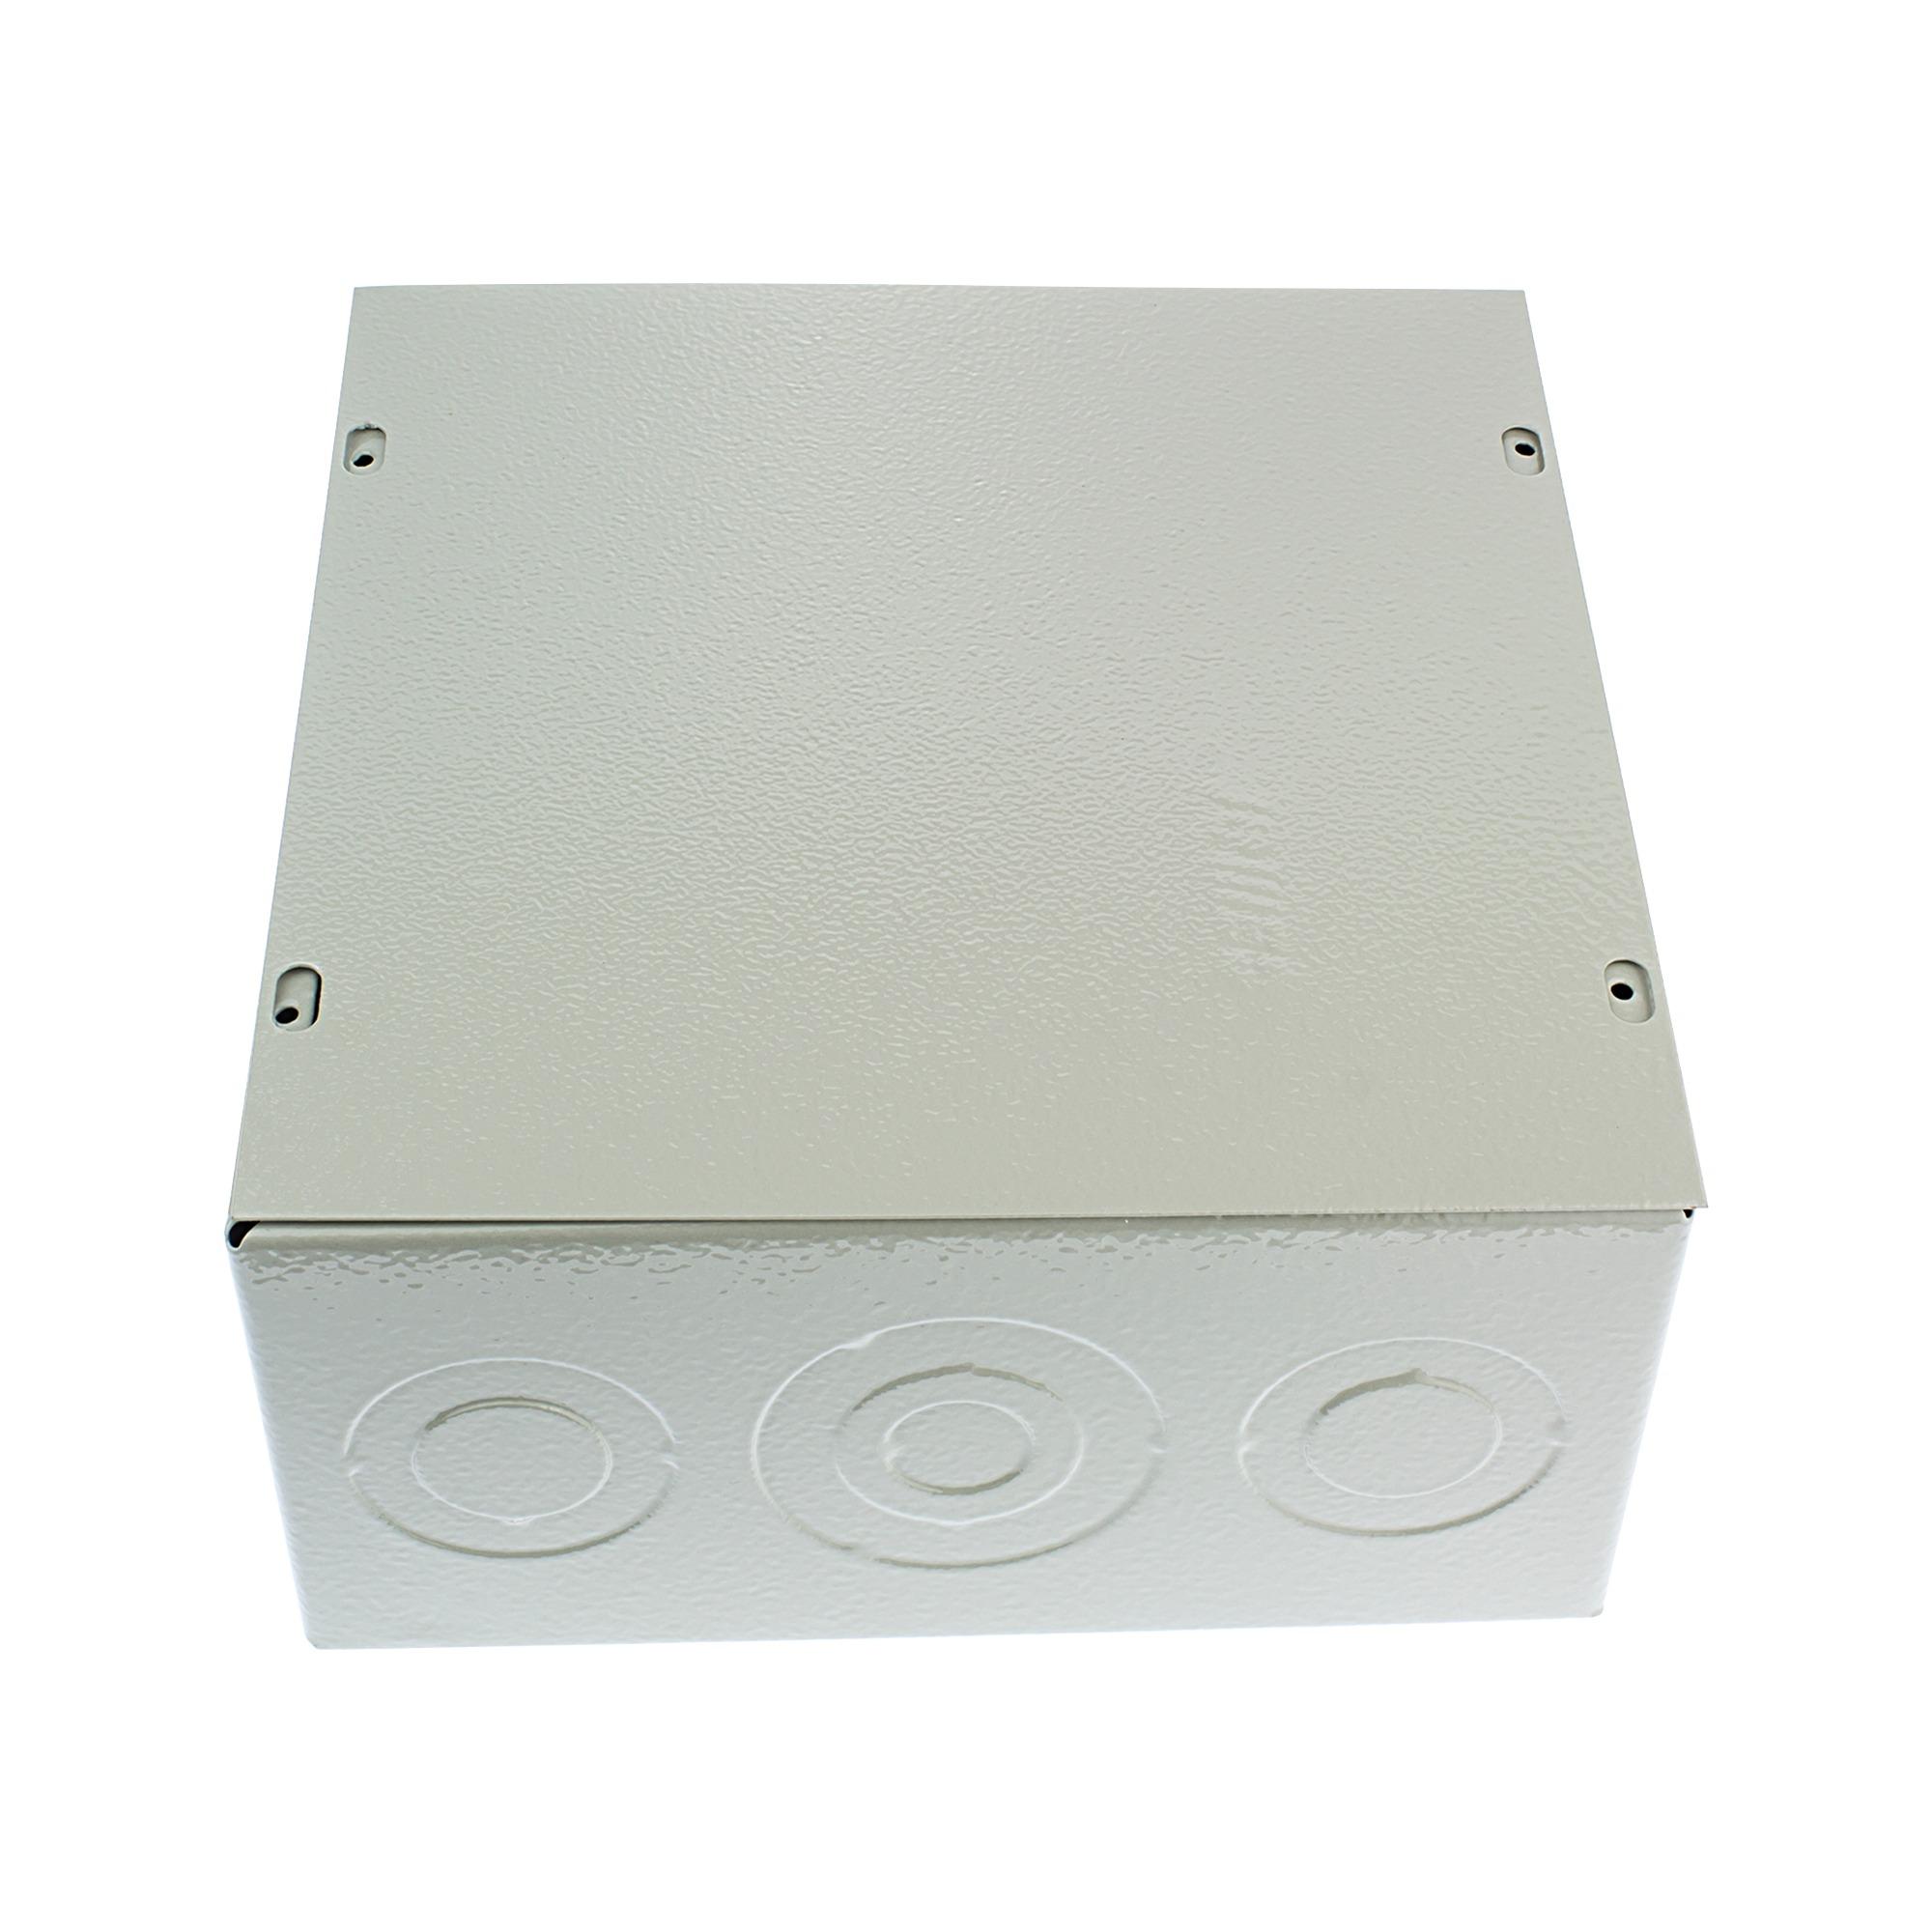 Caixa de Passagem Sobrepor 20x20x10 CPS20 - Cemar